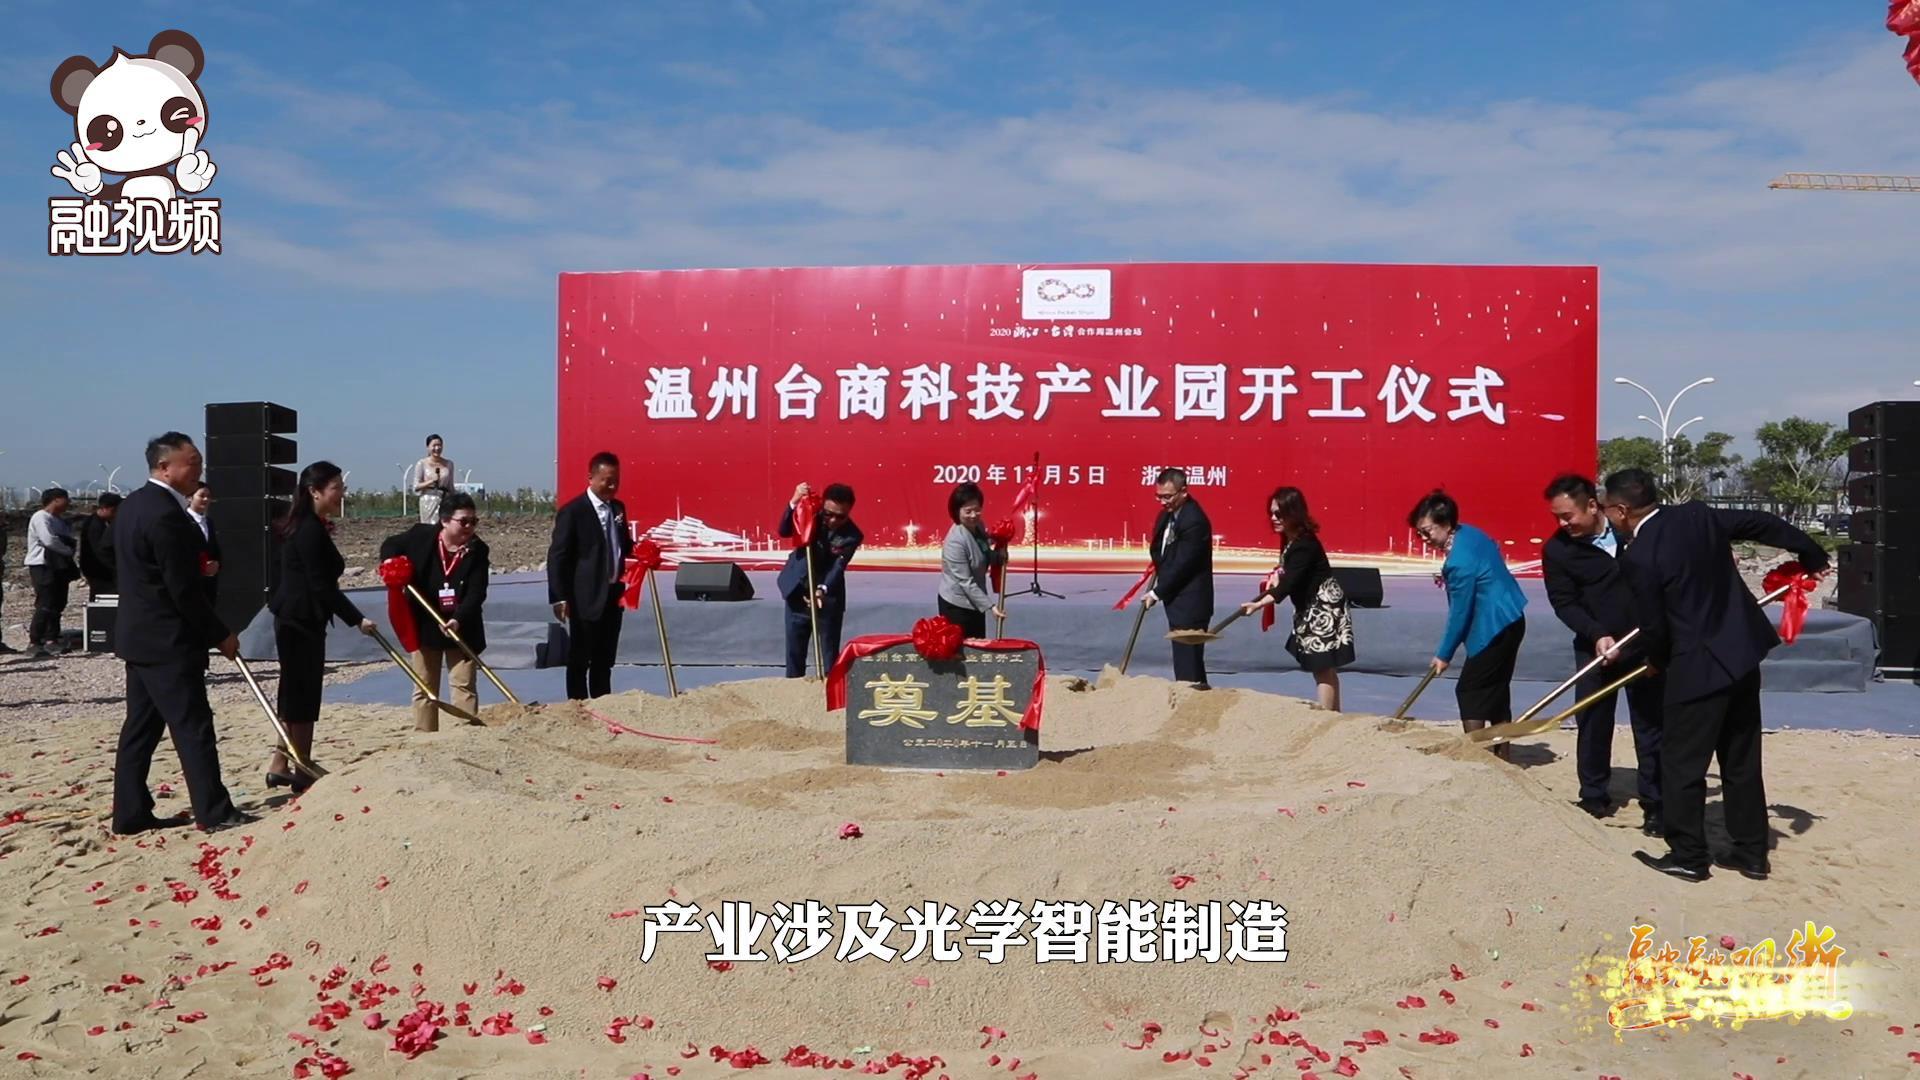 温州台商科技产业园开工 打造台企转型升级新平台图片